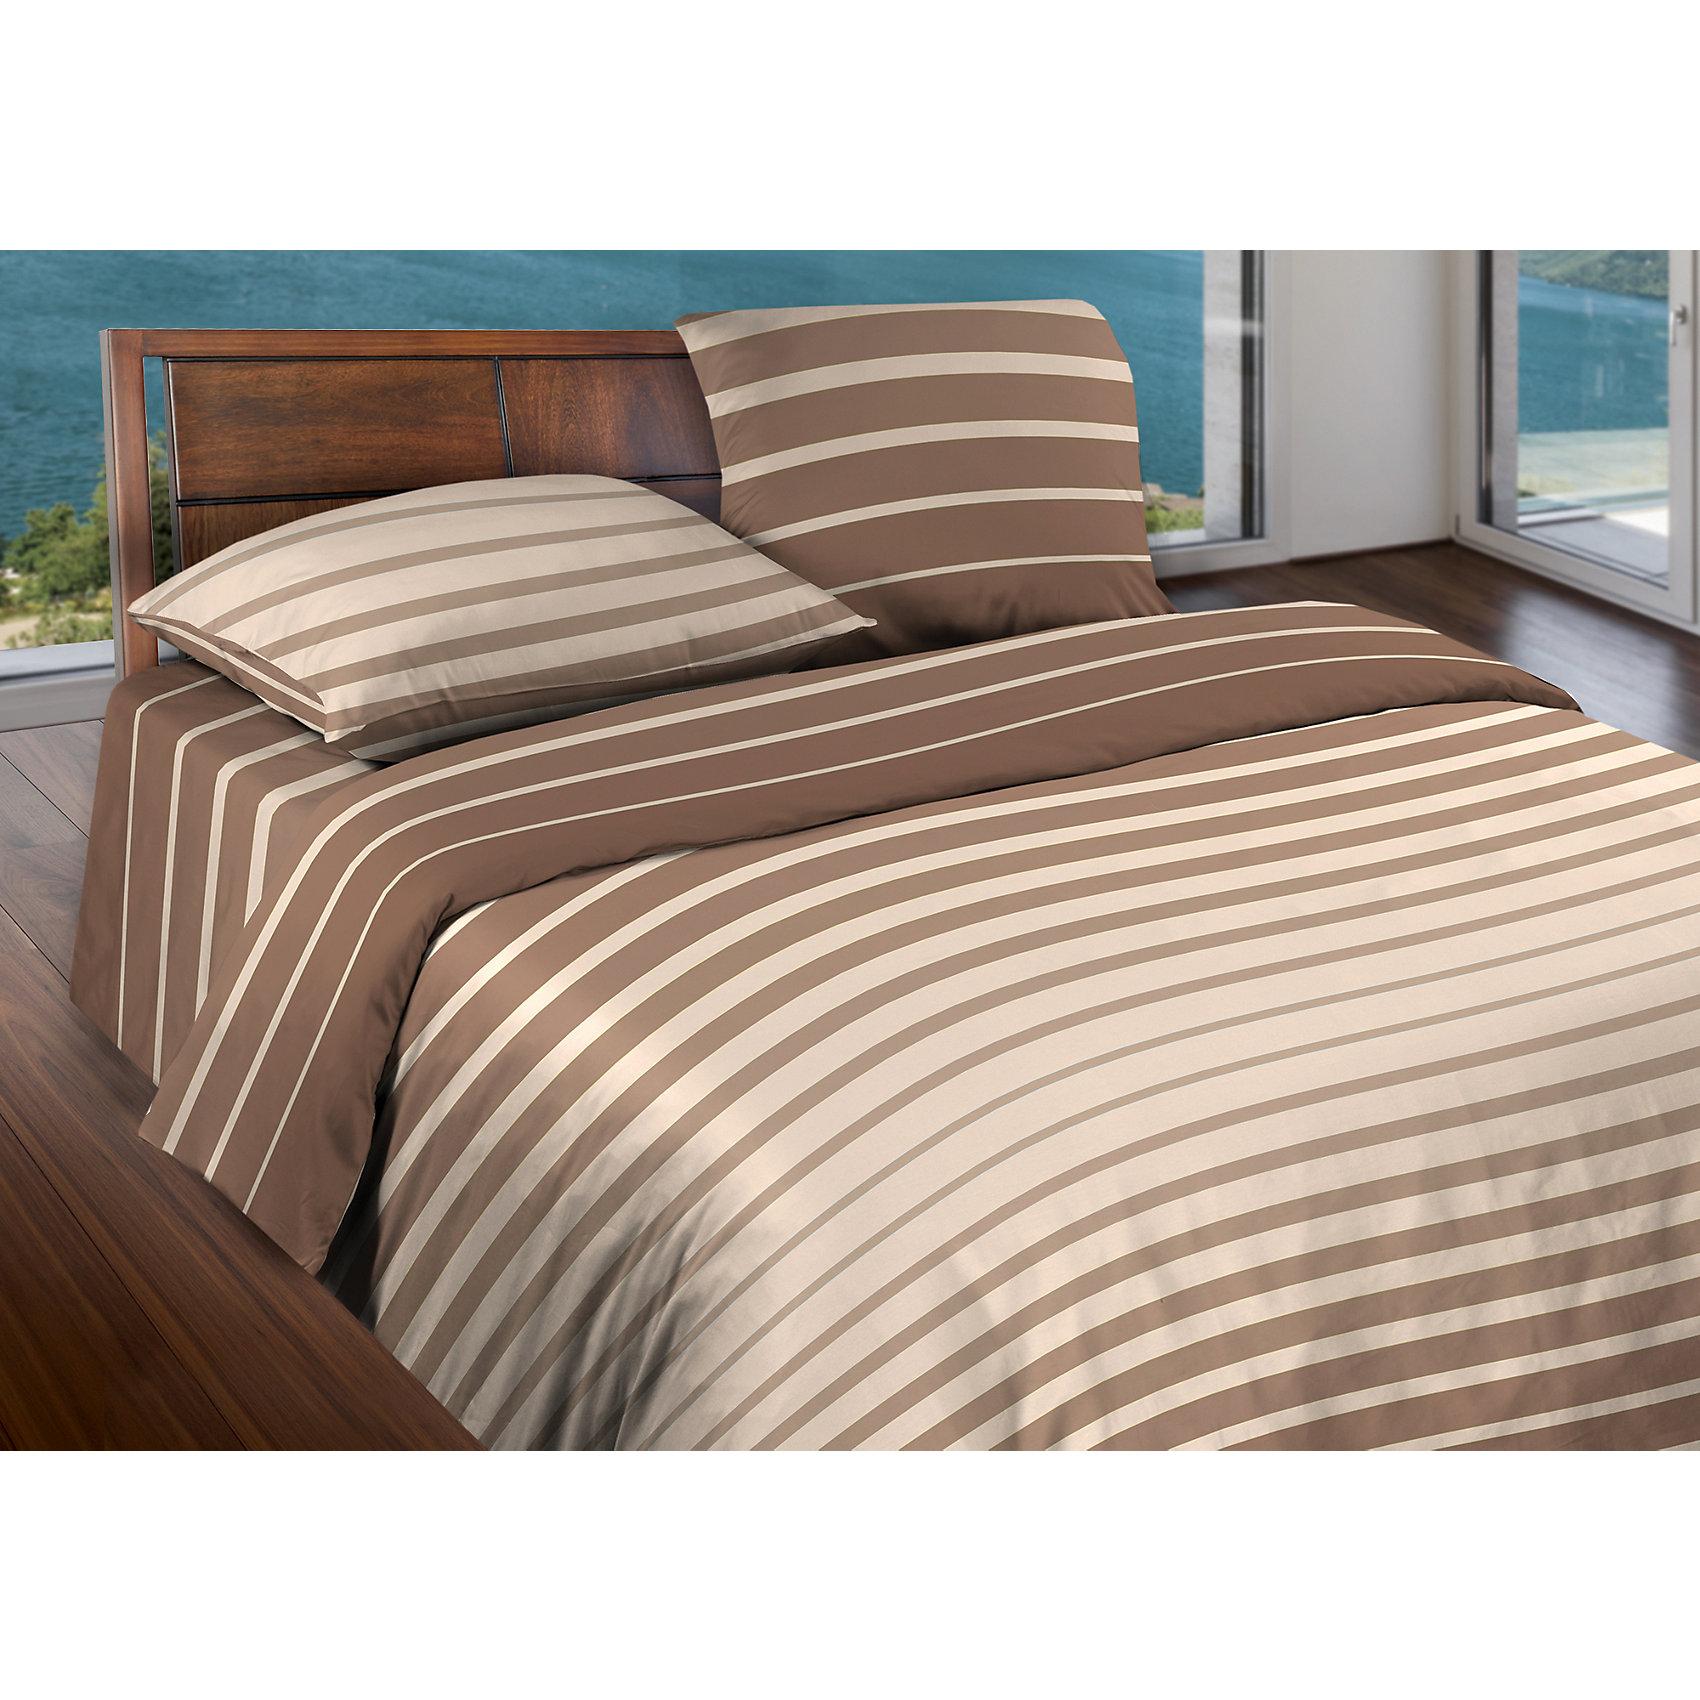 Постельное белье Евро Stripe Brown, БИО Комфорт, WENGE MotionДомашний текстиль<br>Постельное белье Евро Stripe Brown, БИО Комфорт, WENGE Motion (Венге)<br><br>Характеристики:<br><br>• мягкое и гипоаллергенное<br>• позволяет коже дышать<br>• впитывает лишнюю влагу<br>• не выцветает<br>• уникальный дизайн<br>• в комплекте: пододеяльник, простынь, наволочка (2 шт.)<br>• размер пододеяльника: 215х220 см<br>• размер простыни: 220х240 см<br>• размер наволочки: 70х70 см<br>• тип печати: реактивная<br>• материал: хлопок<br>• вес: 1800 грамм<br><br>Постельное белье Stripe Brown отличается стильным дизайном и хорошей износостойкостью. Комплект выполнен из материала БИО комфорт. Гладкая поверхность материала позволяет сохранить качество печати  рисунка. Белье из Био комфорта известно высокой гигроскопичностью и воздухопроницаемостью. Таким образом, вы можете быть уверены в своем комфорте во время отдыха. Белье не выцветает, сохраняет размер и форму даже после стирок. Комплект оформлен красивым принтом в бирюзовую полоску.<br><br>Постельное белье Евро Stripe Brown, БИО Комфорт, WENGE Motion (Венге) вы можете купить в нашем интернет-магазине.<br><br>Ширина мм: 500<br>Глубина мм: 250<br>Высота мм: 500<br>Вес г: 2400<br>Возраст от месяцев: 216<br>Возраст до месяцев: 1188<br>Пол: Унисекс<br>Возраст: Детский<br>SKU: 5569288